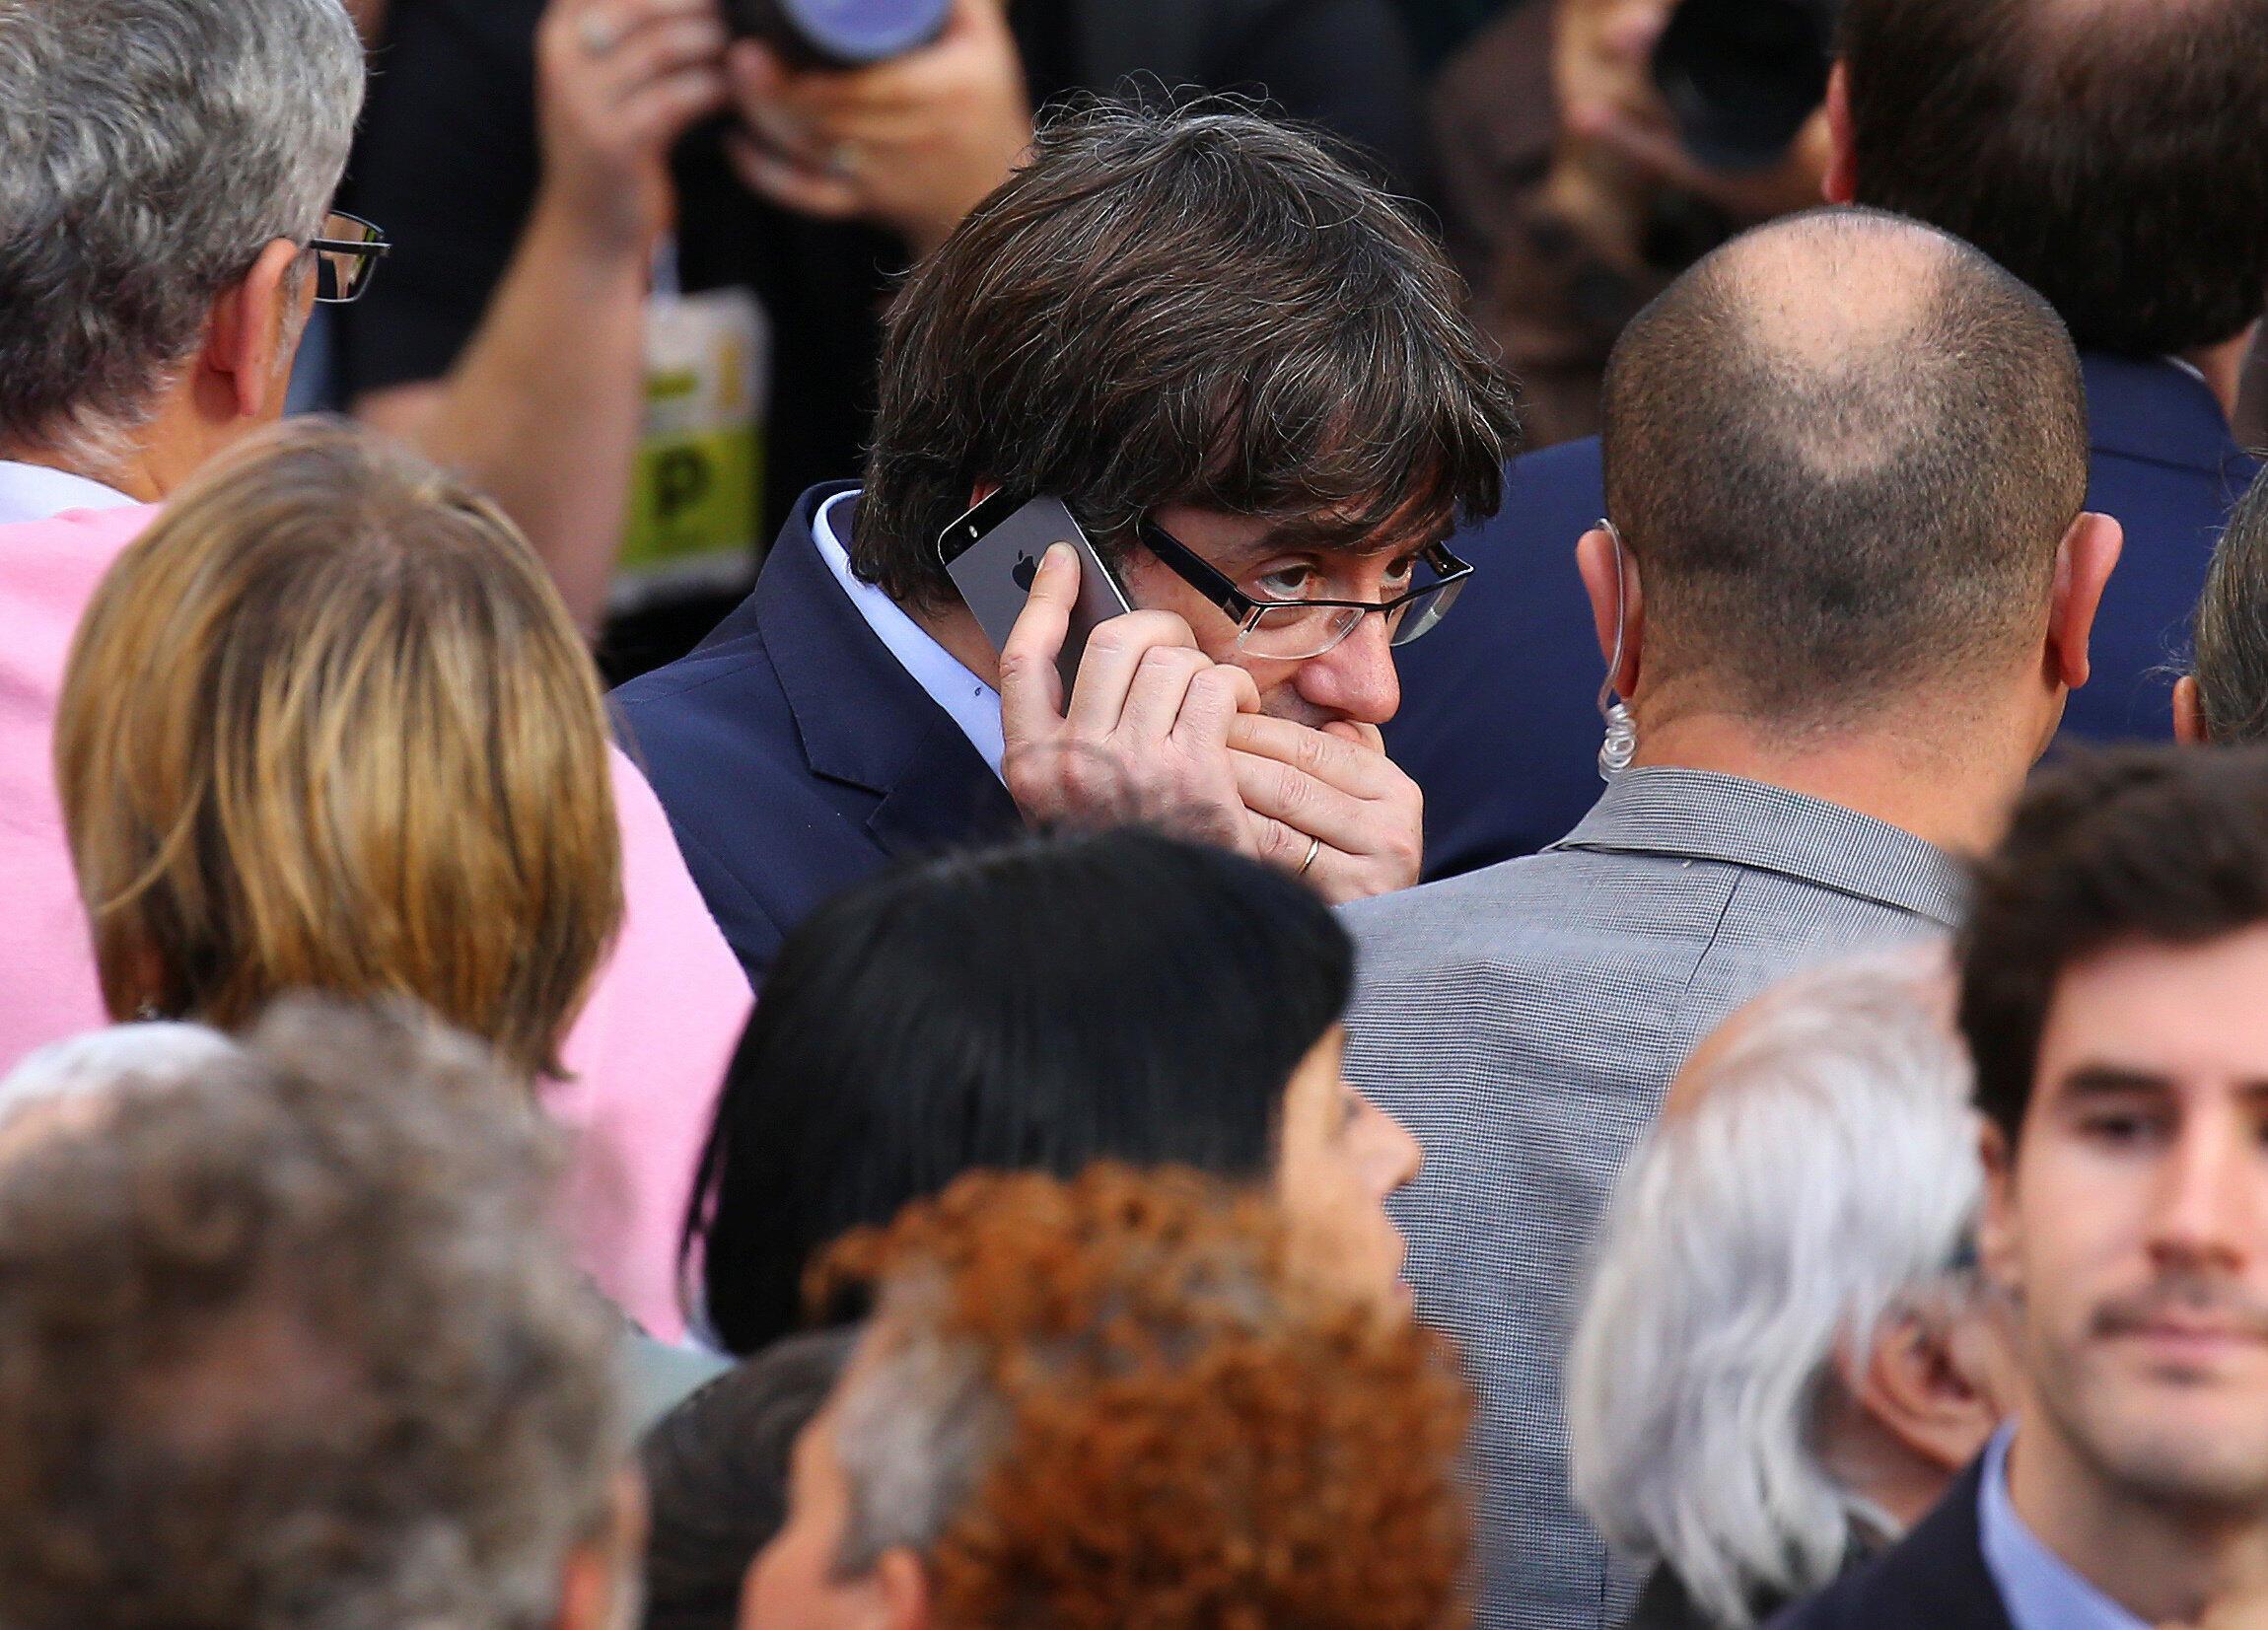 Aliyekuwa rais wa Catalonia, Carles Puigdemont, anasita kurejea Uhispania kwa hofu ya kukamatwa.